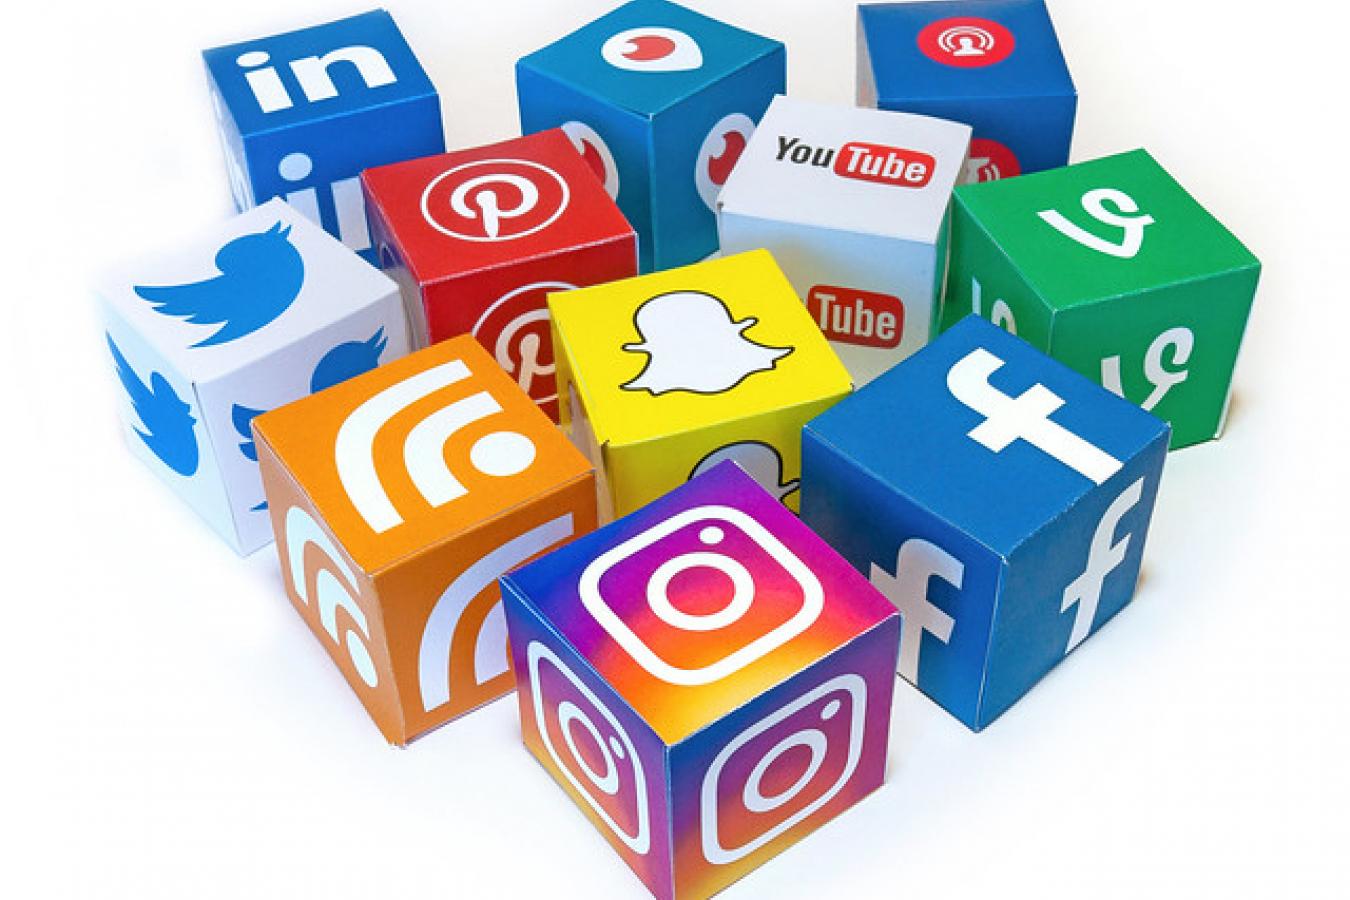 Social Media Mix 3D Icons - Mix #1